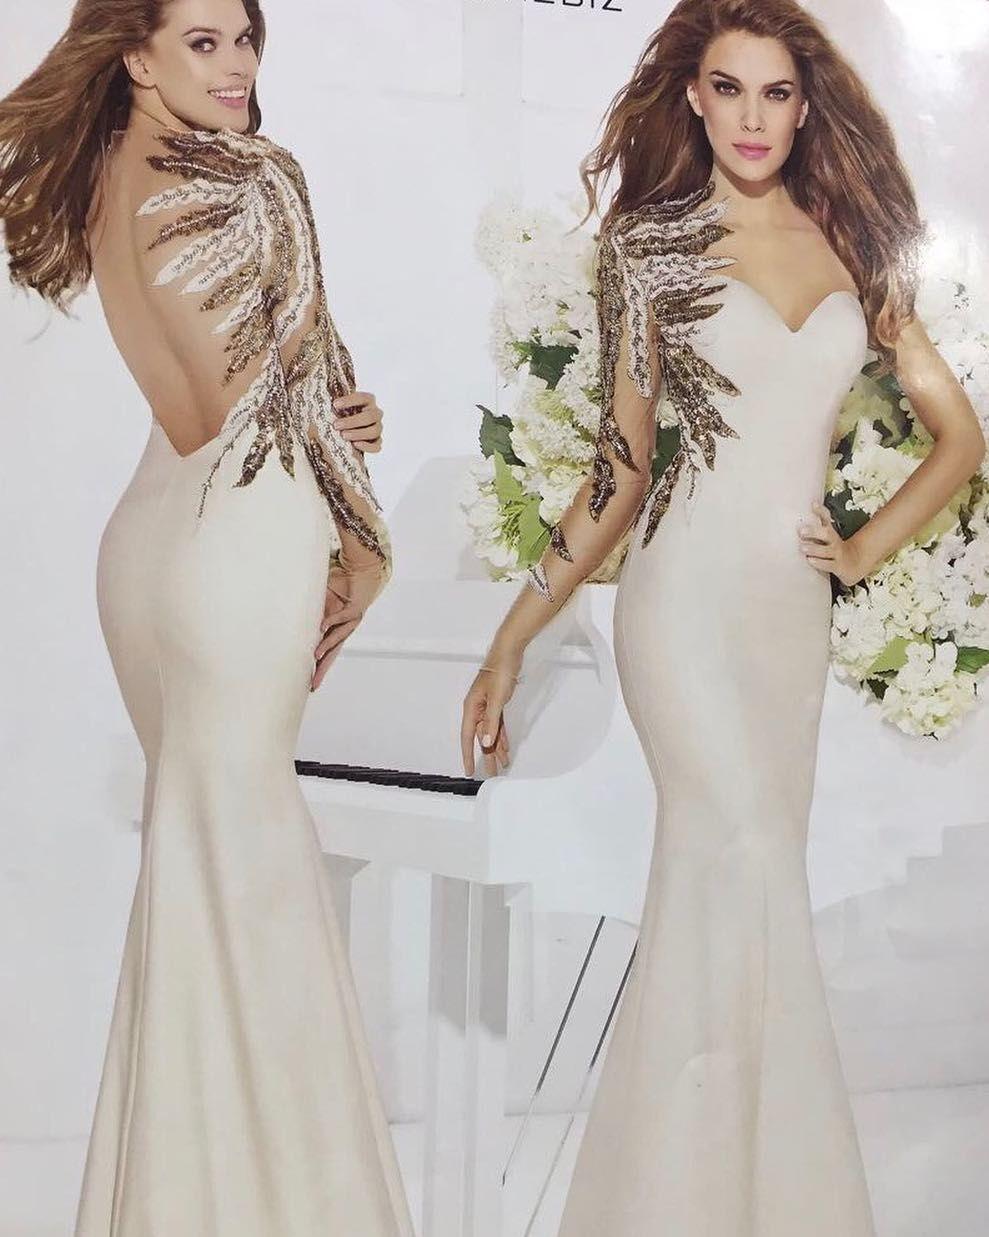 yassaycouture #weddingdress #hochzeit #hochzeitskleid #keupstrasse ...